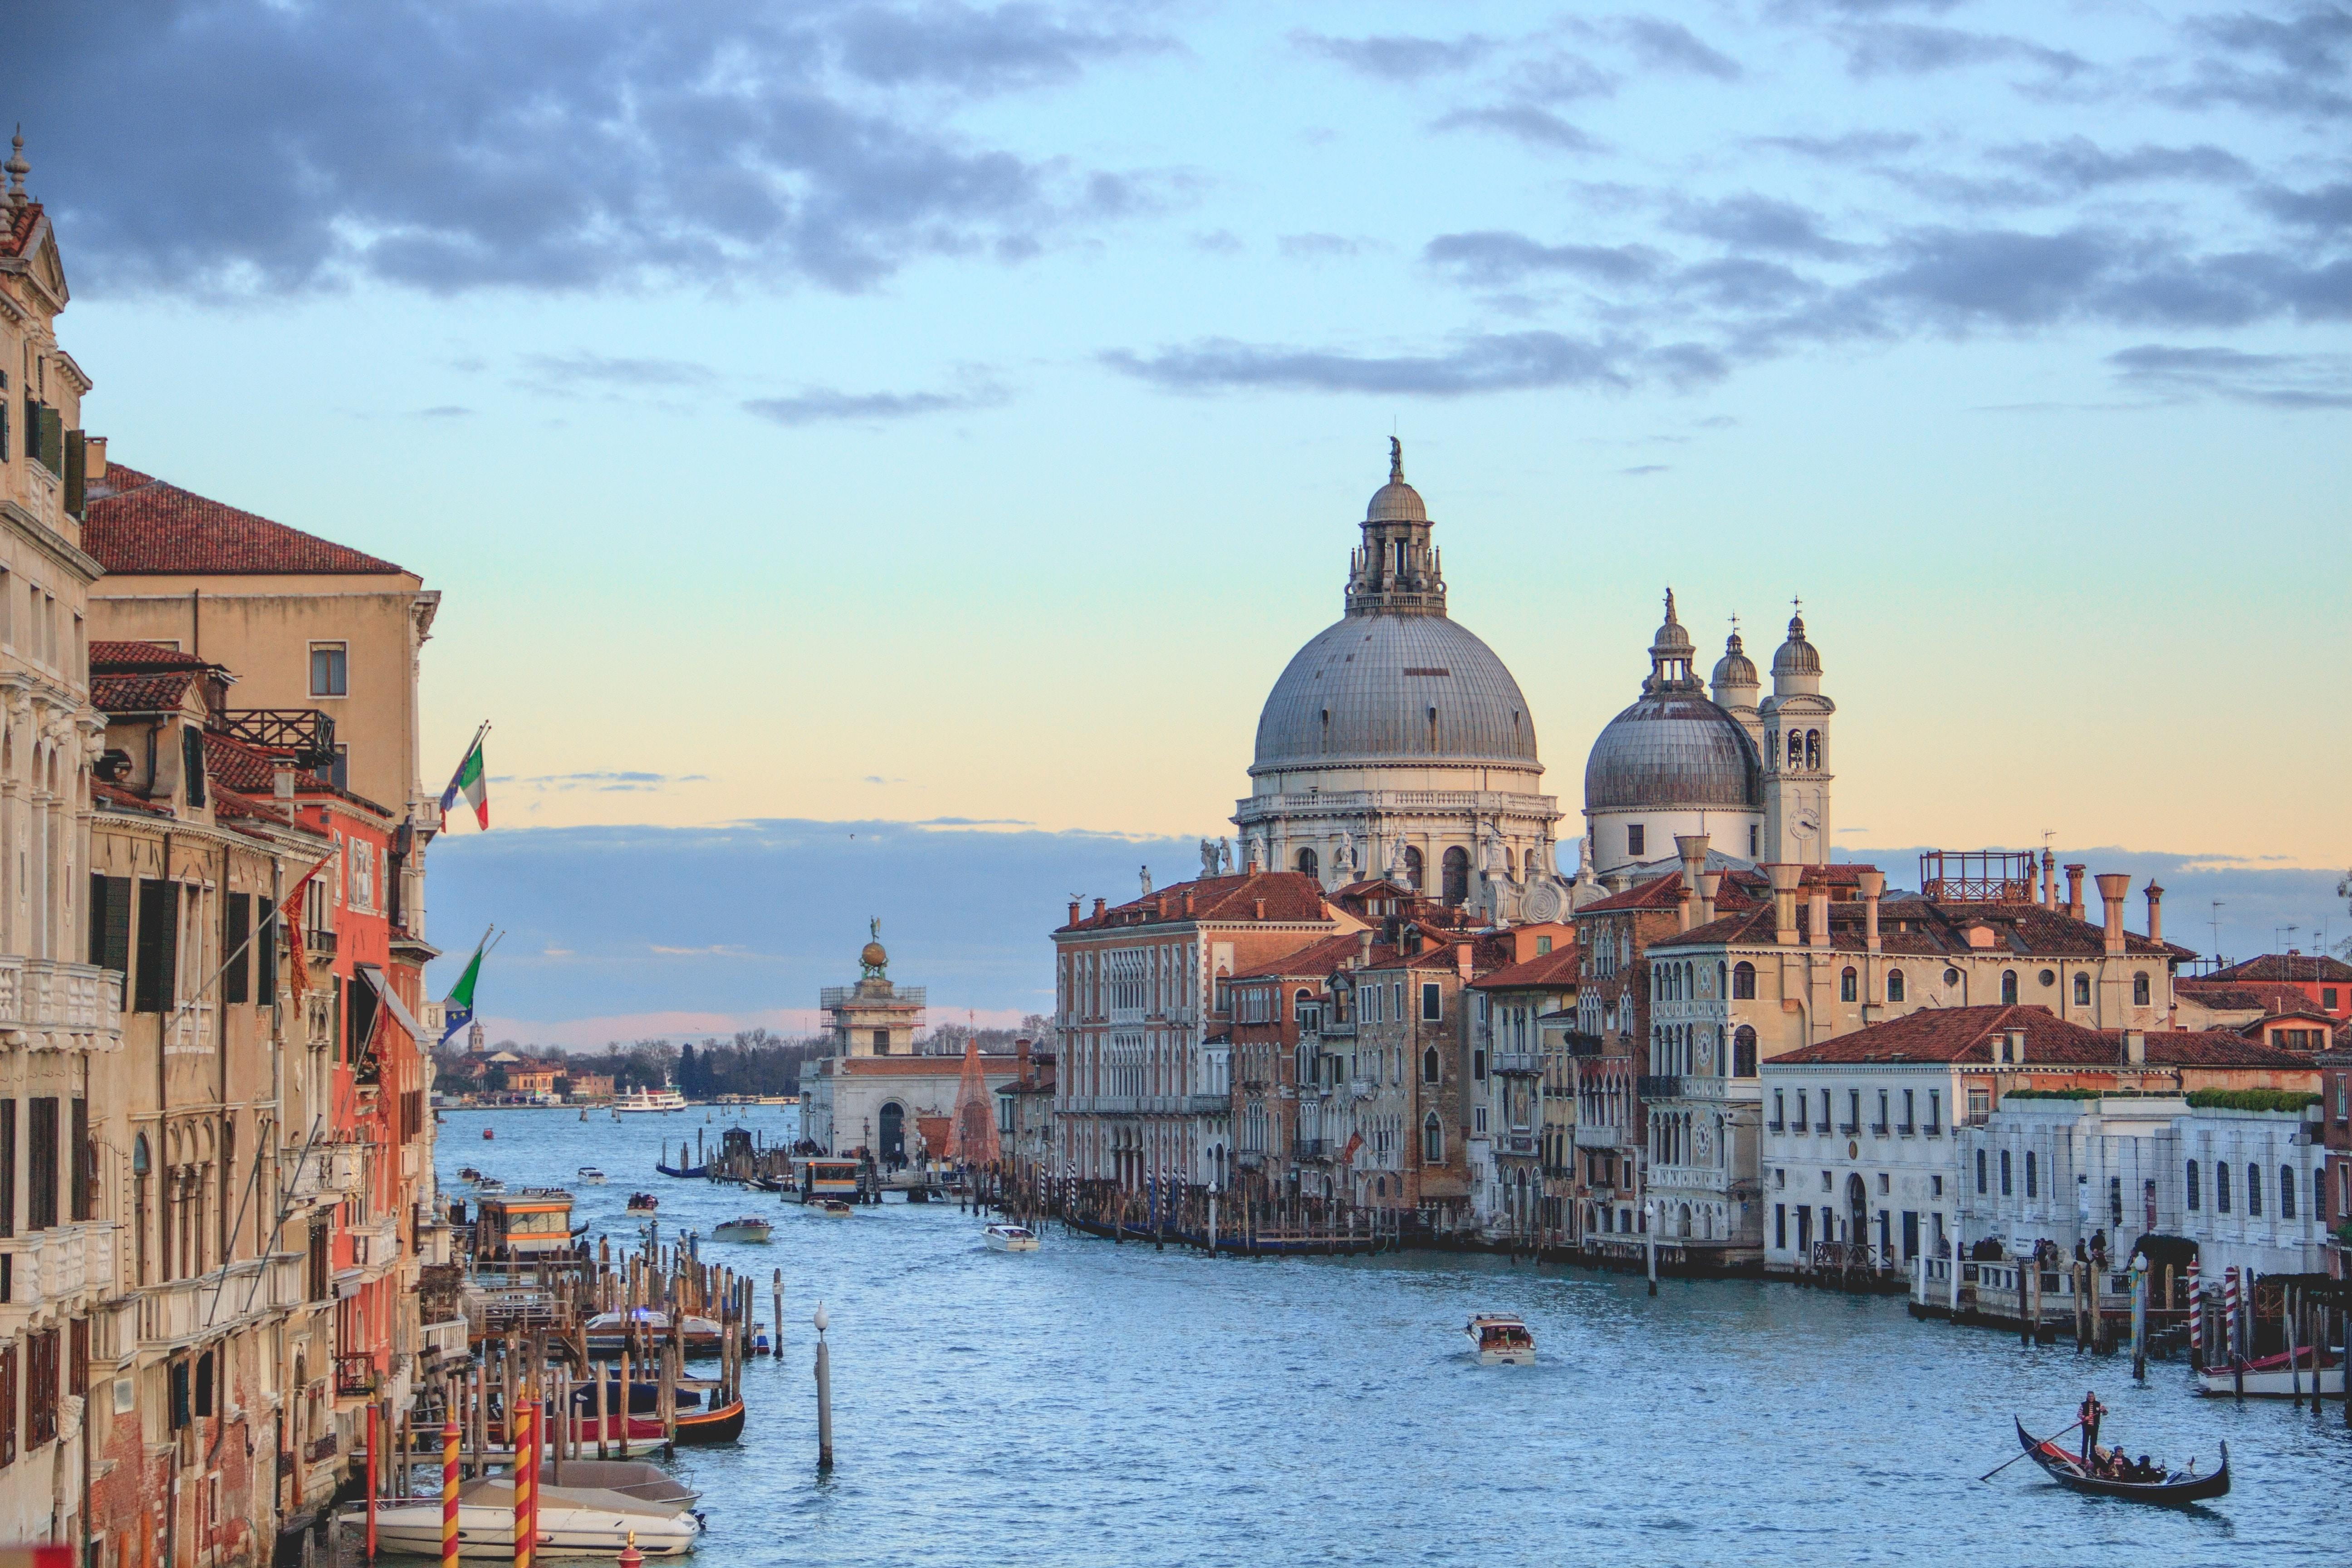 венеція панорама